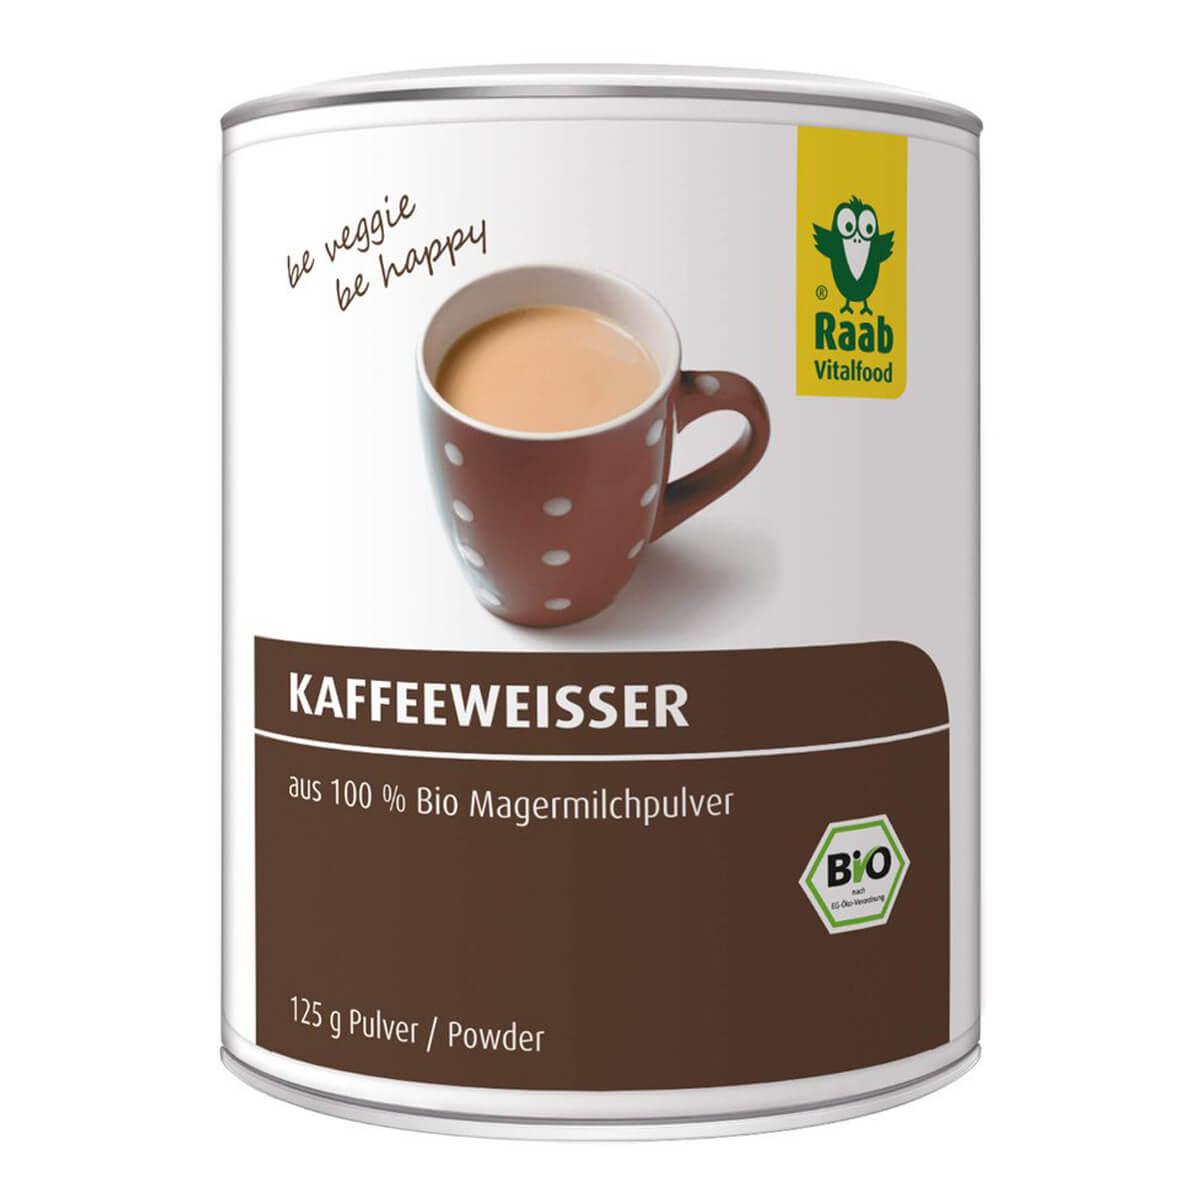 Kaffeeweißer Inhaltsstoffe